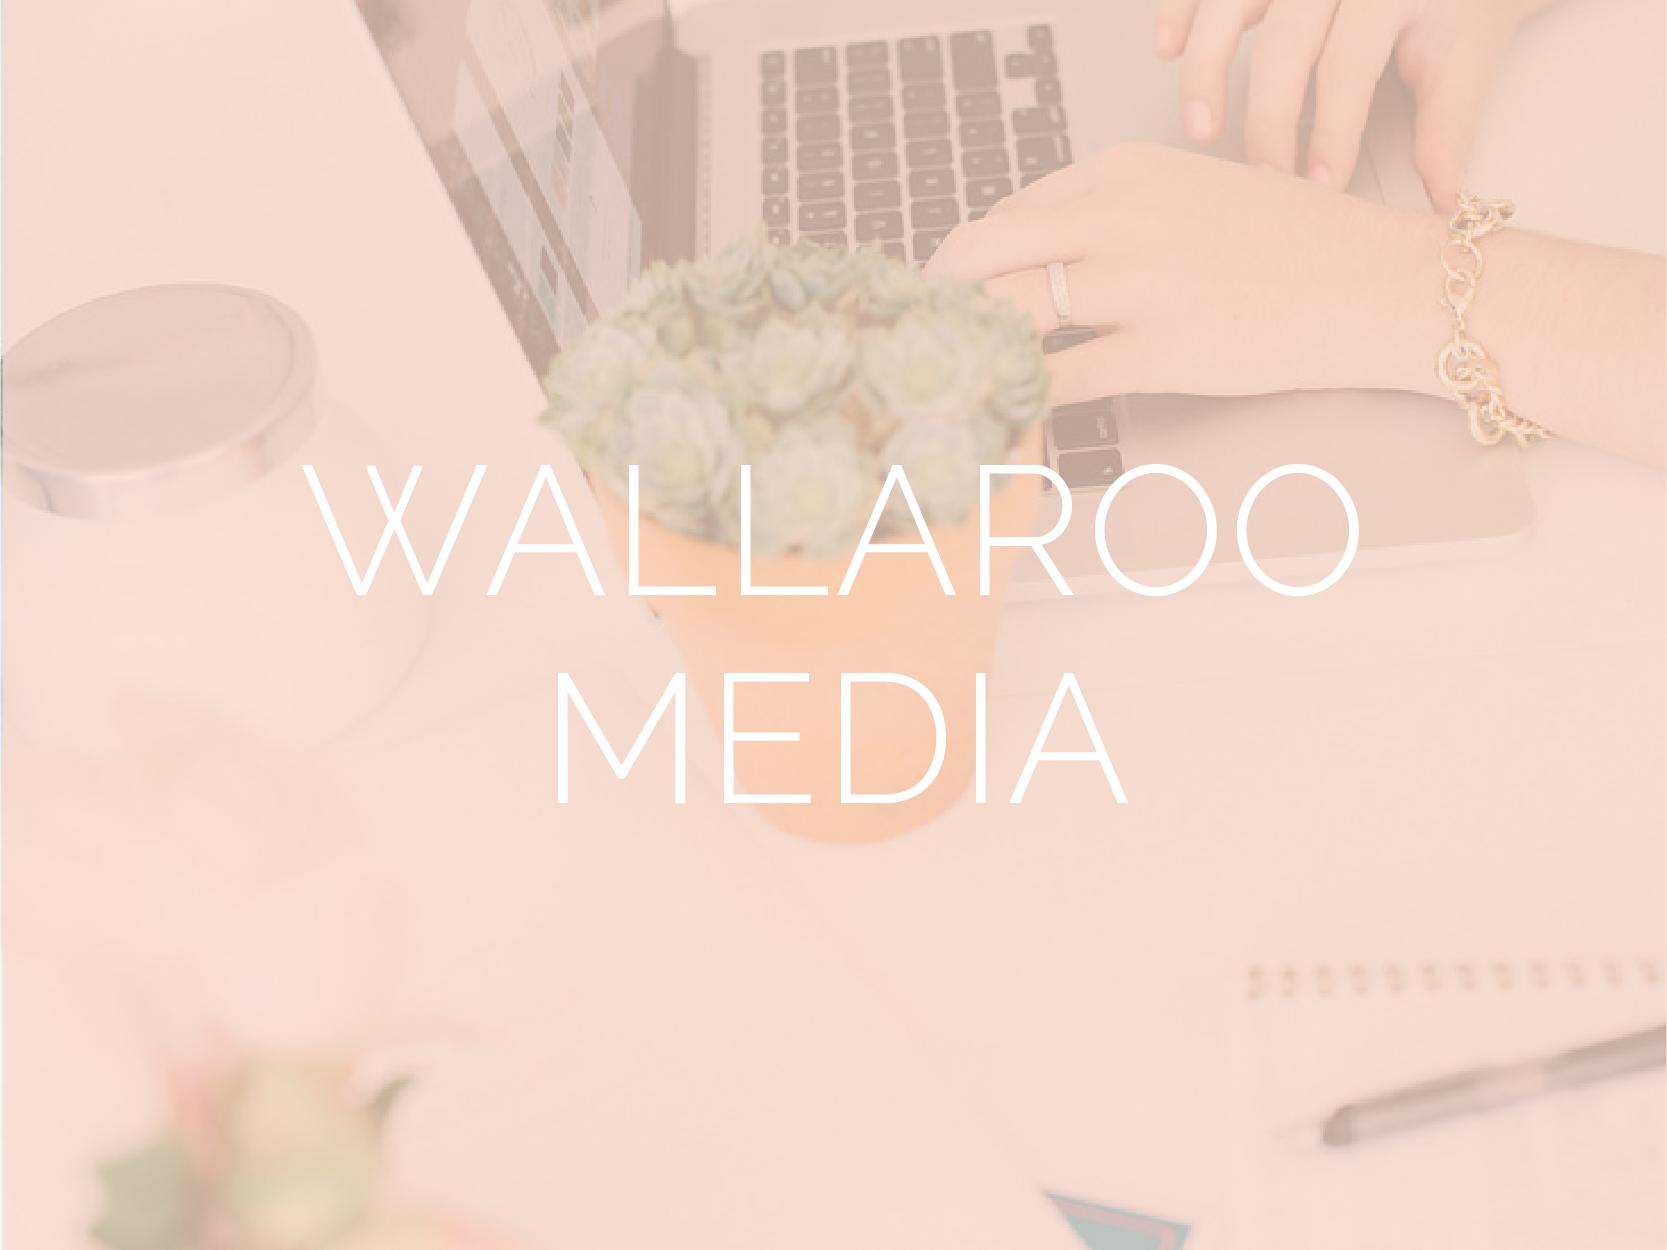 WallarooMedia-01.png